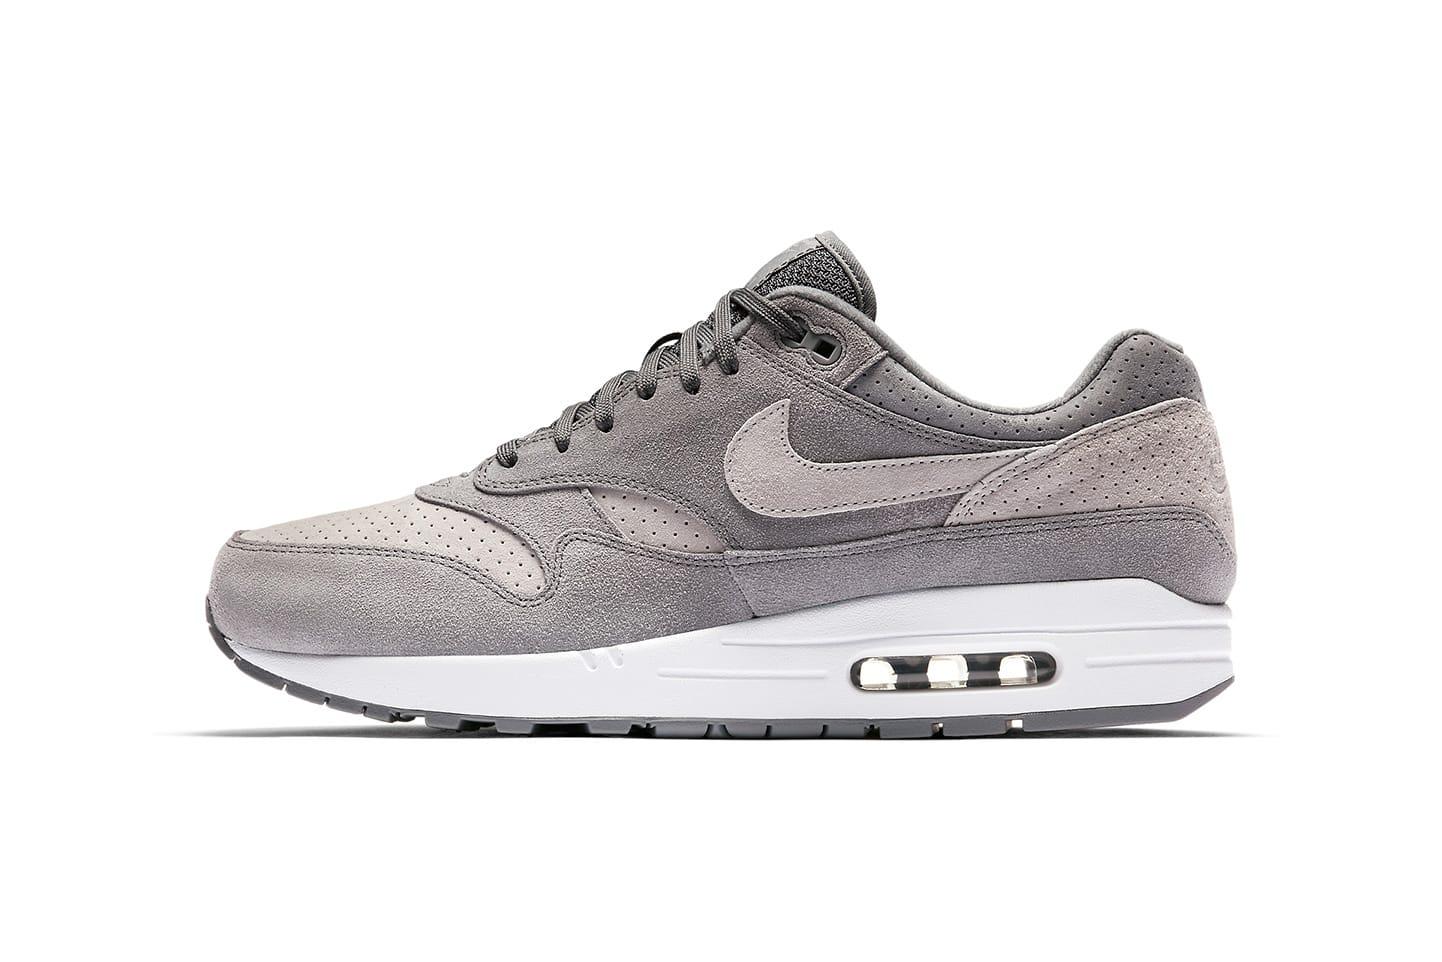 Nike Air Max 1 Premium in Grey Perf